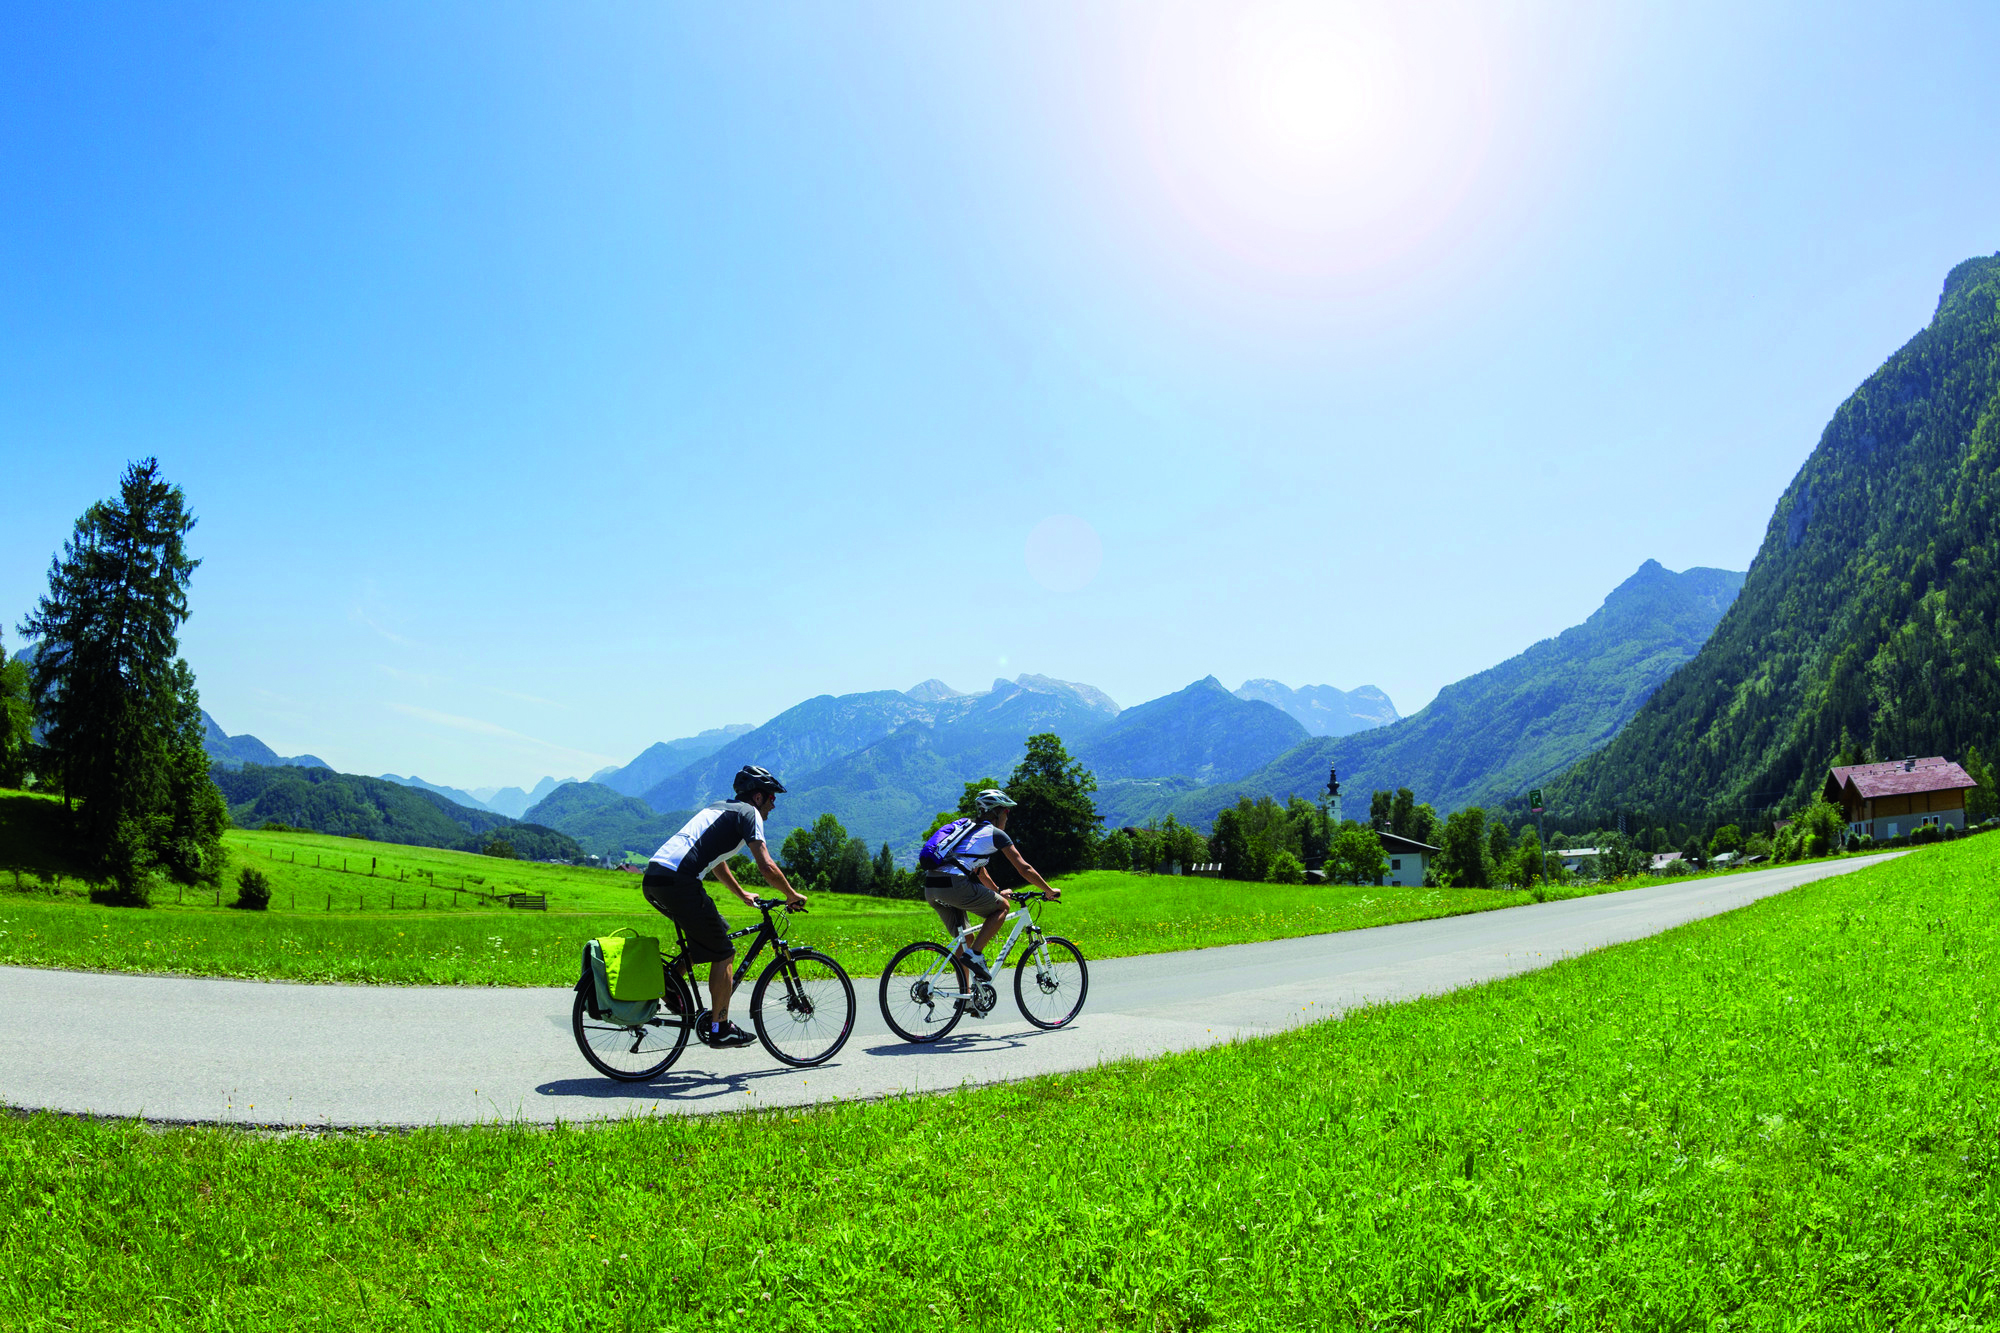 Radtour am Tauernradweg - ein Genuss